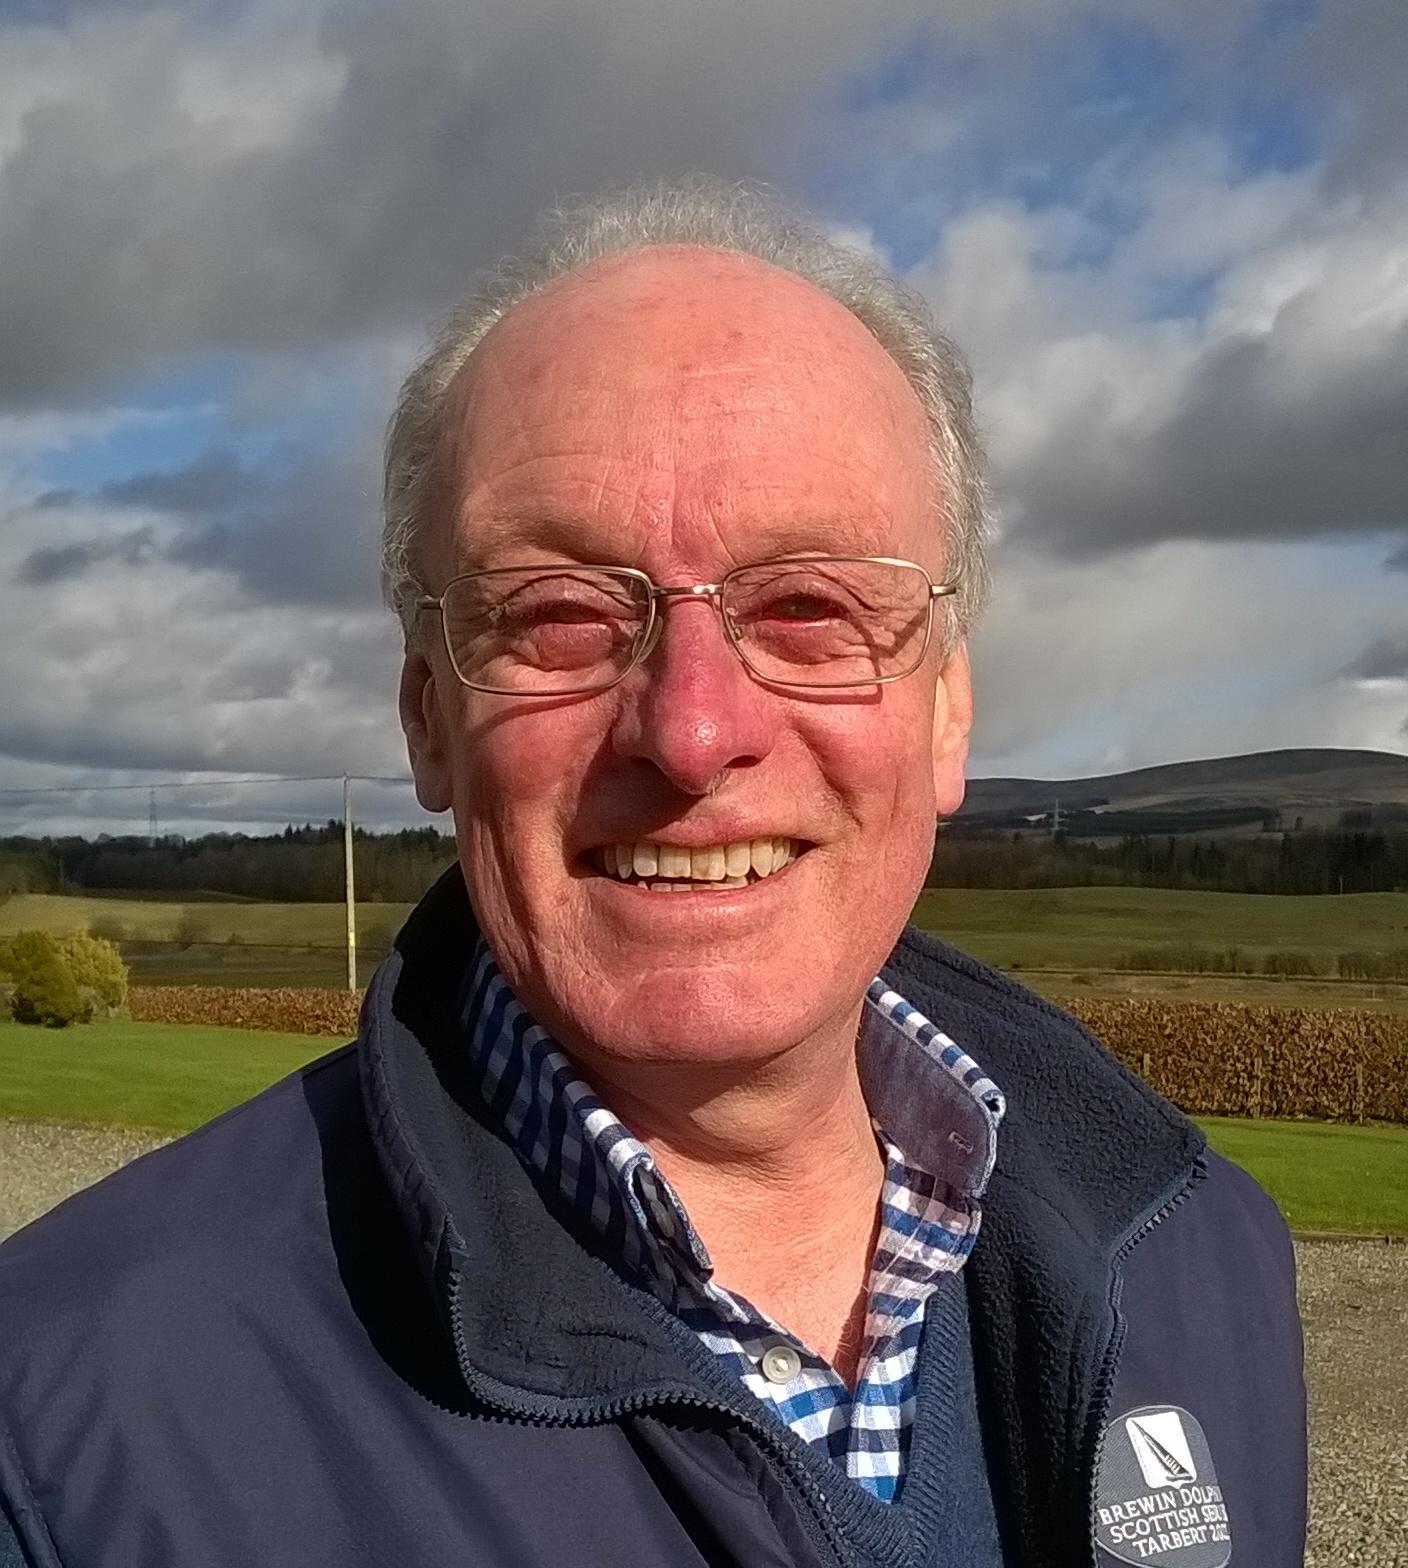 John Readman - John